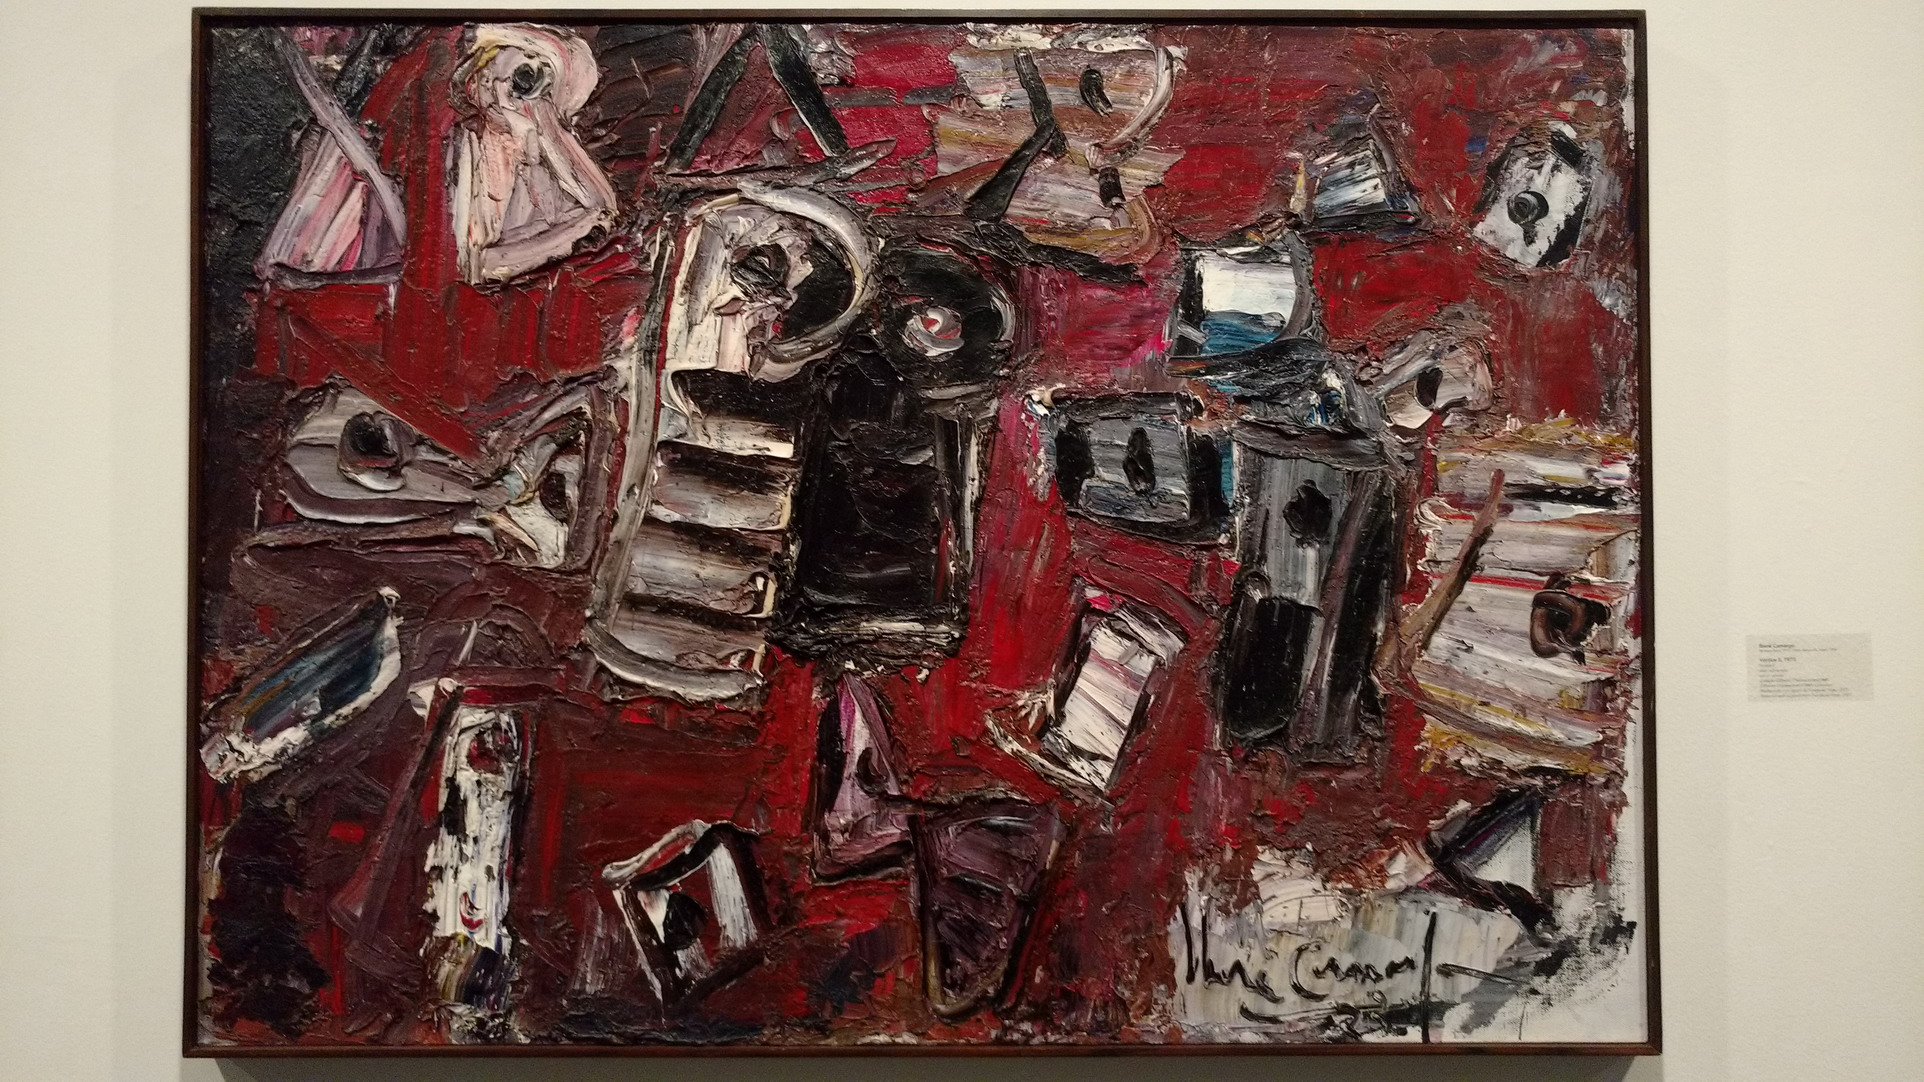 32. Musée d'art moderne